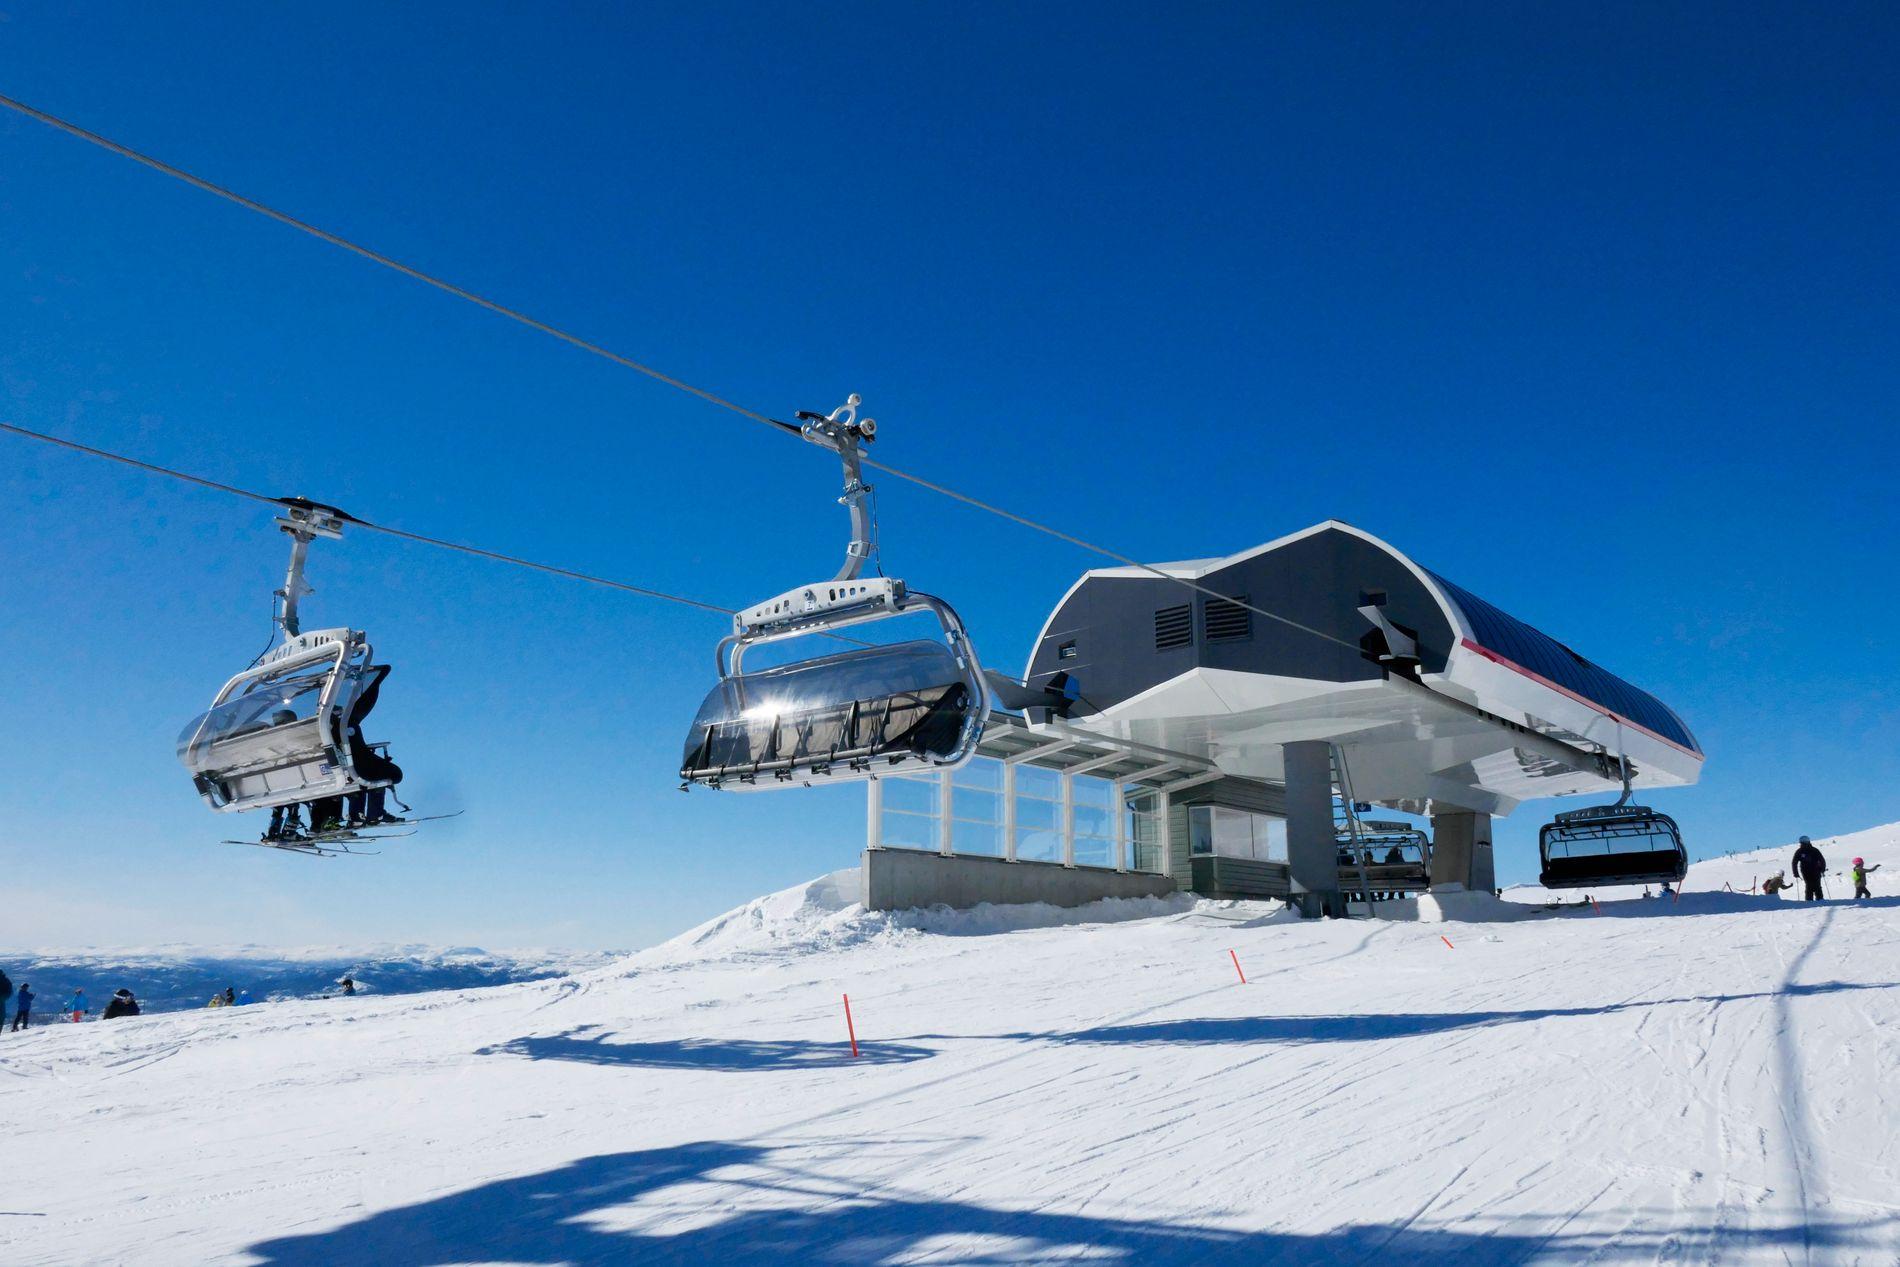 cb98de1a Nå åpner de store alpinanleggene (og mange av de små) | VG Reise